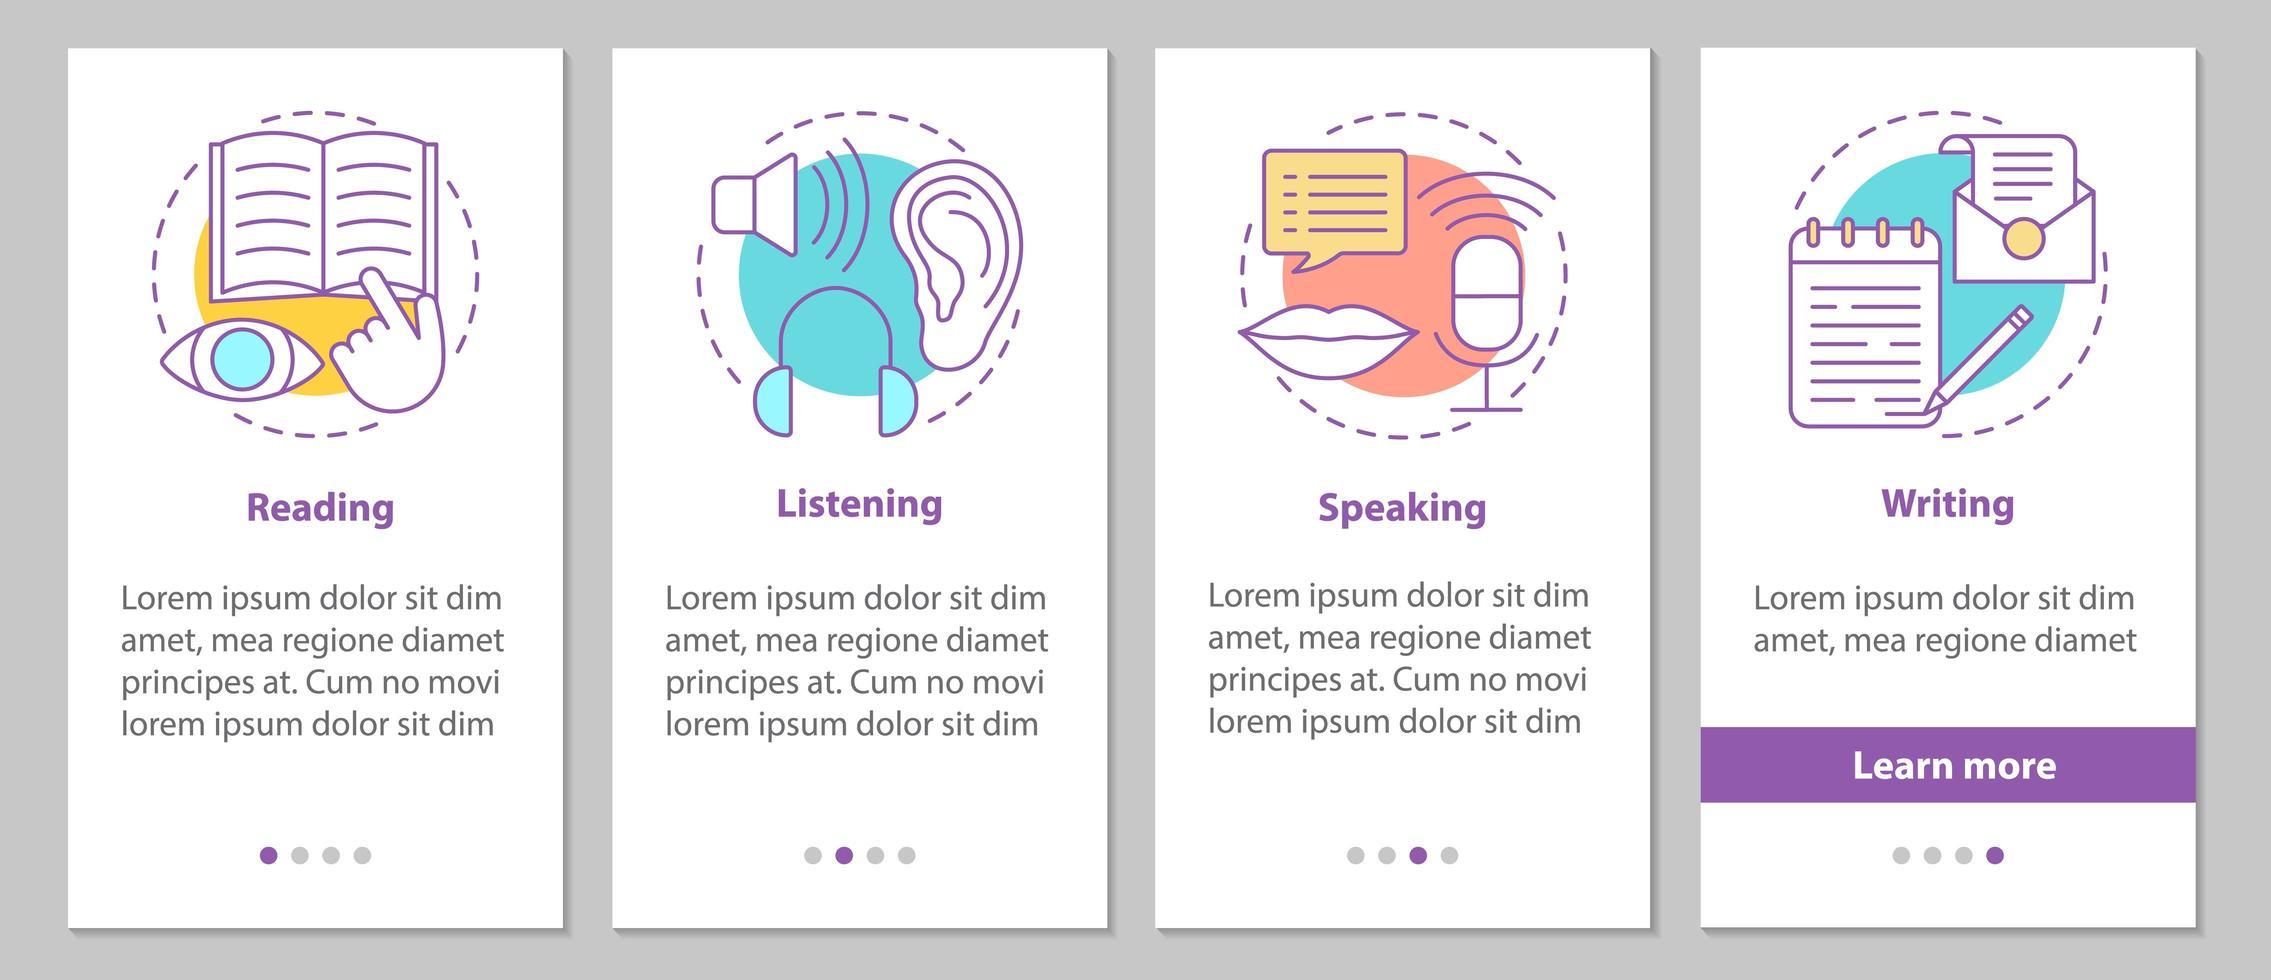 écrans d'intégration des compétences linguistiques de base vecteur